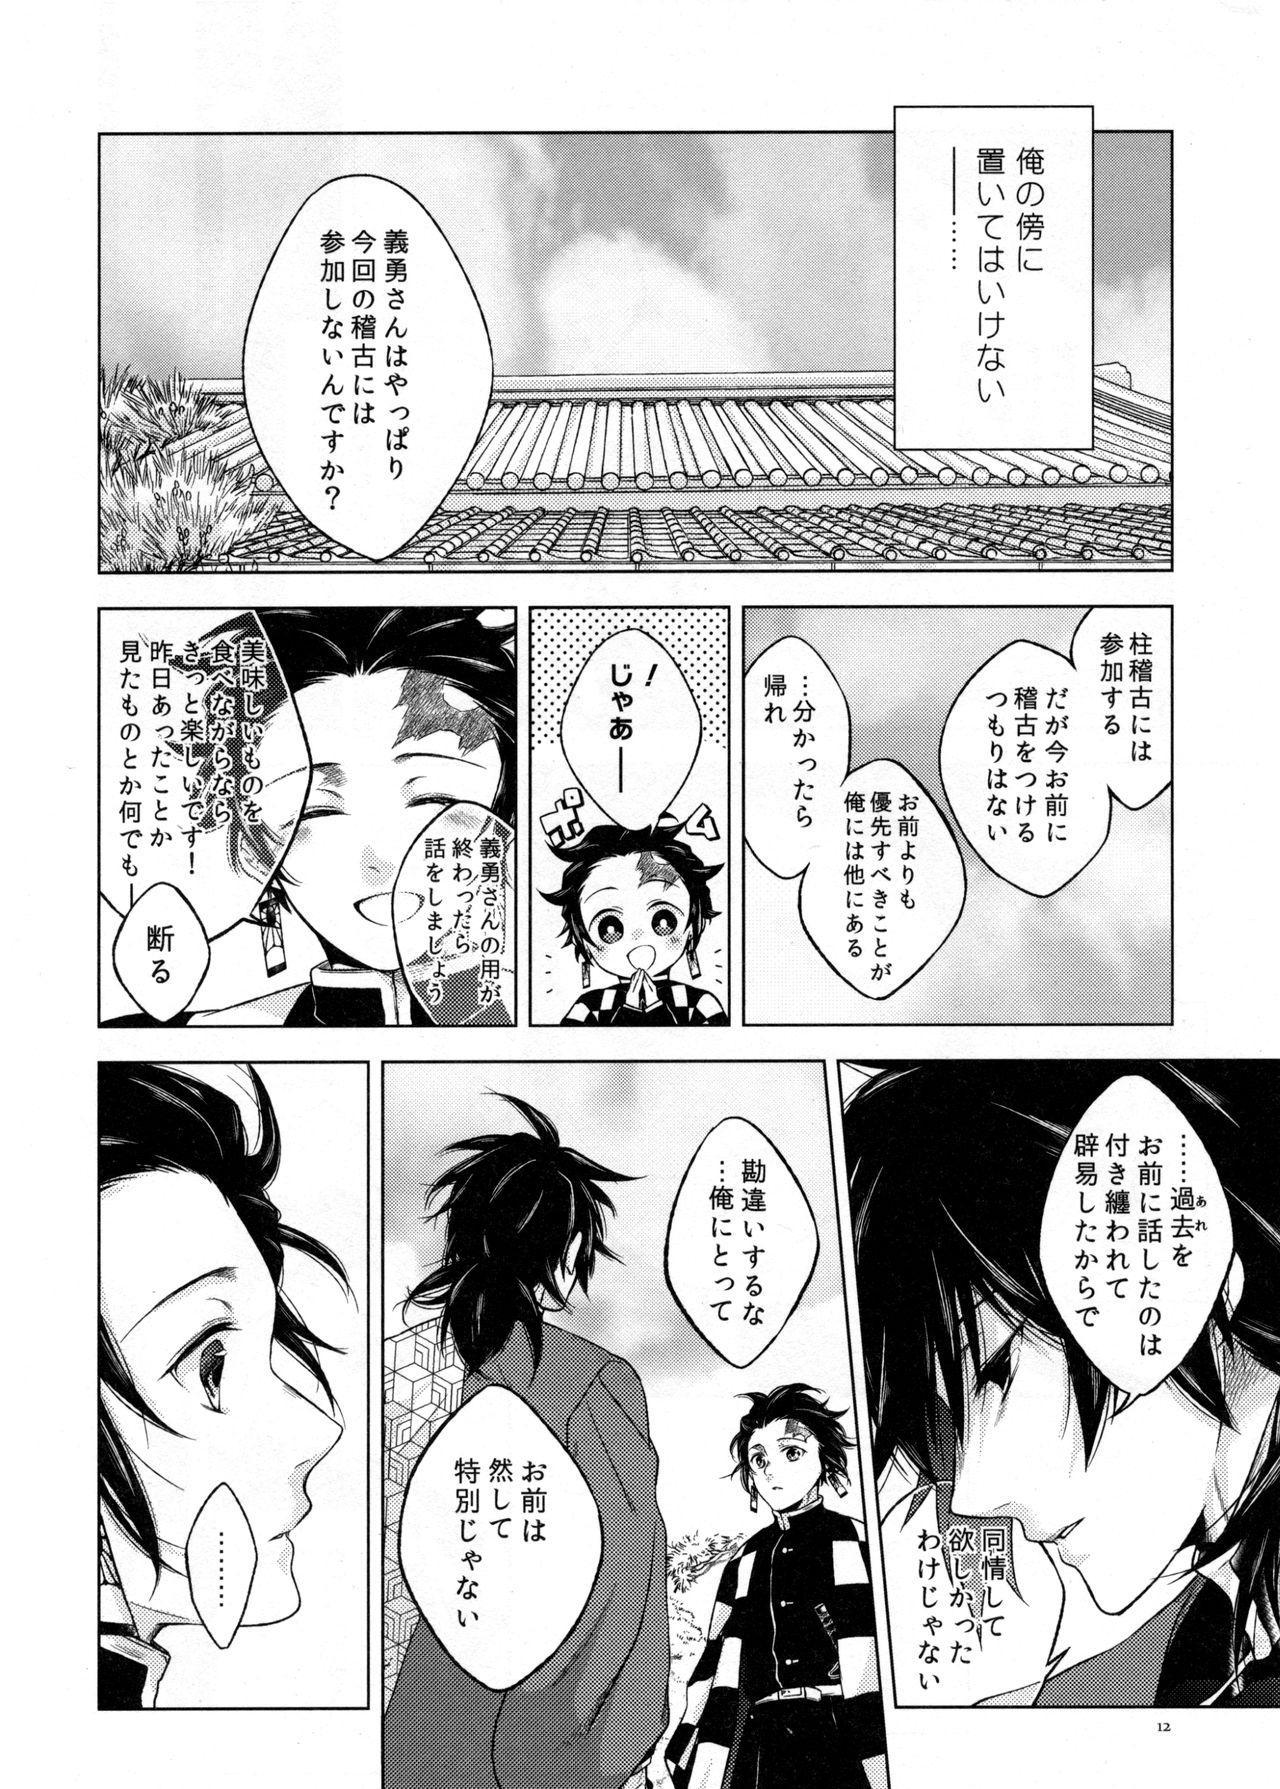 Sonzai suru Ningen no Kodoku to, Sonzai shinai Eien 10